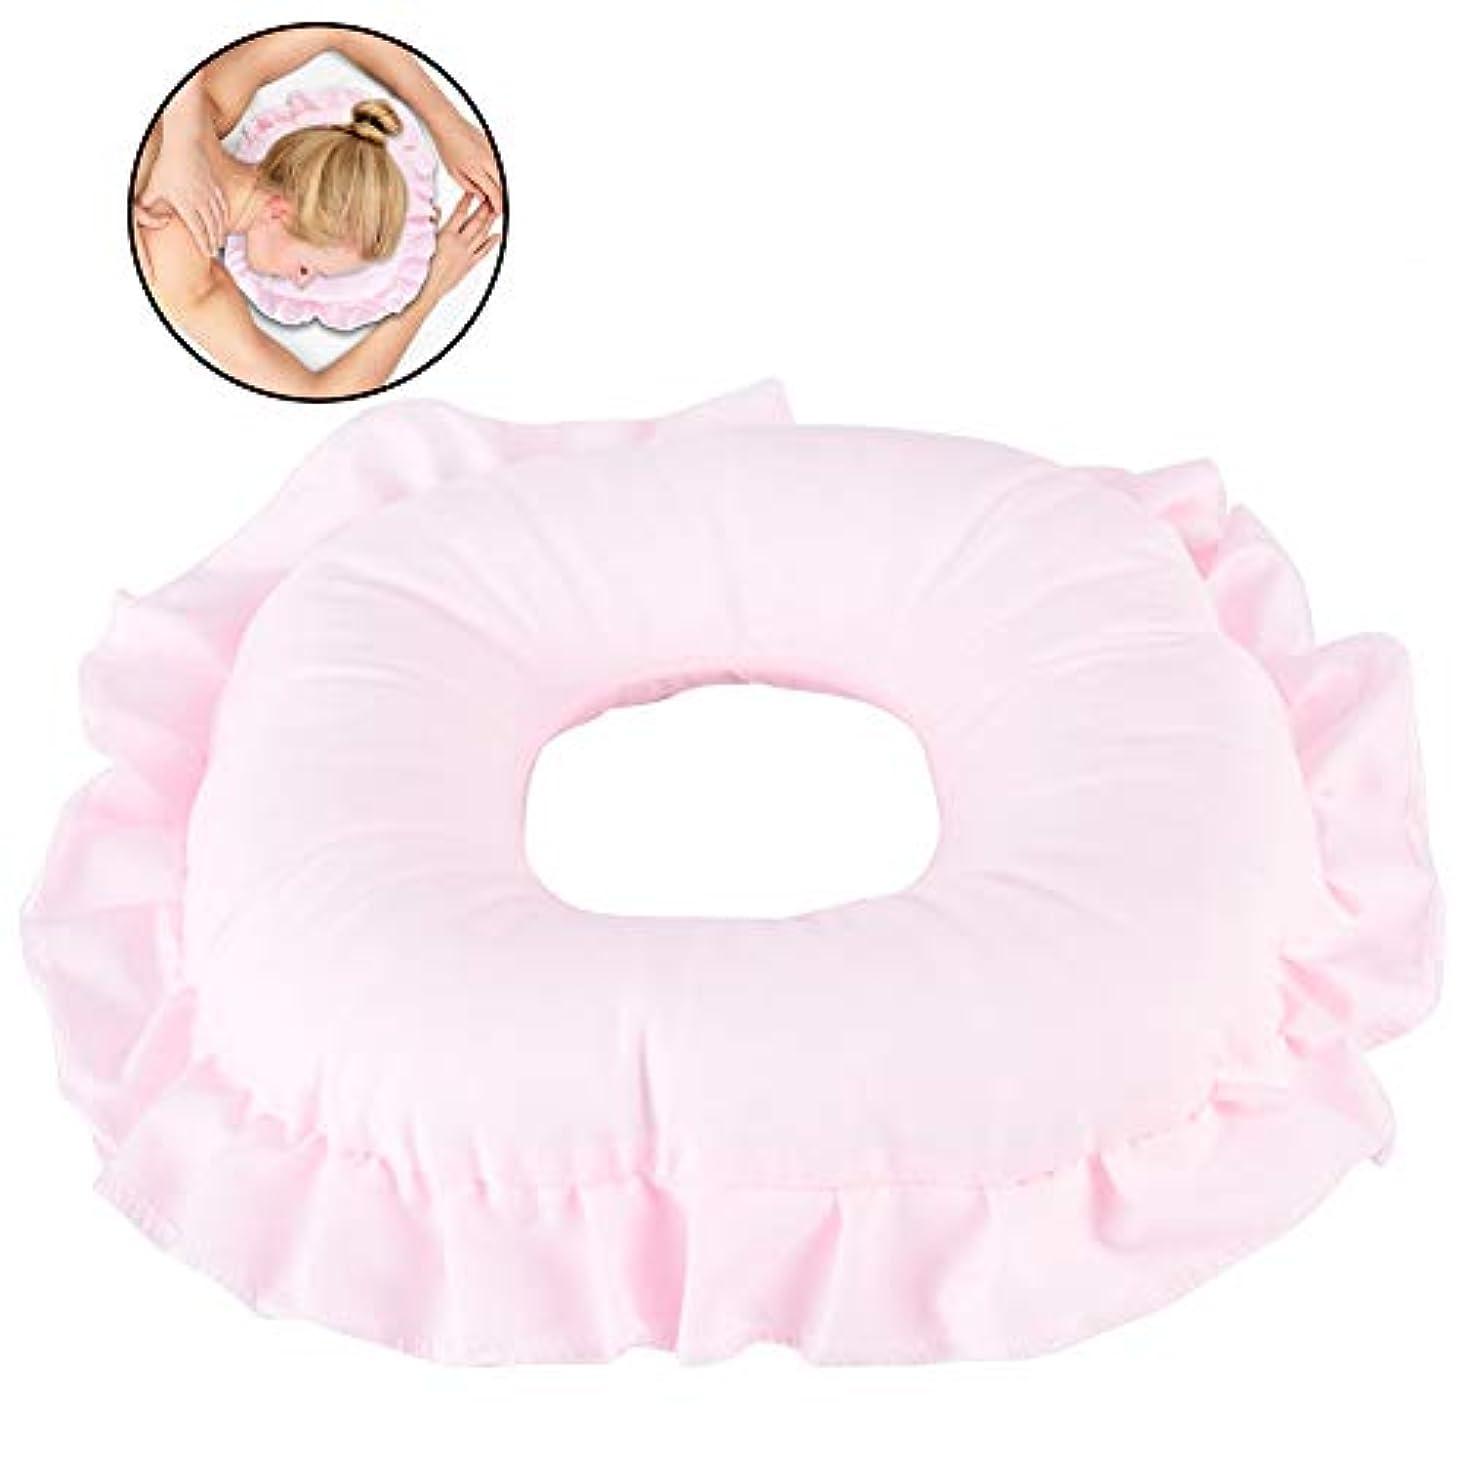 新着近傍階段スパマッサージ枕、ポリエステル顔リラックスサロンケア中空枕仮眠クッション(ピンク)